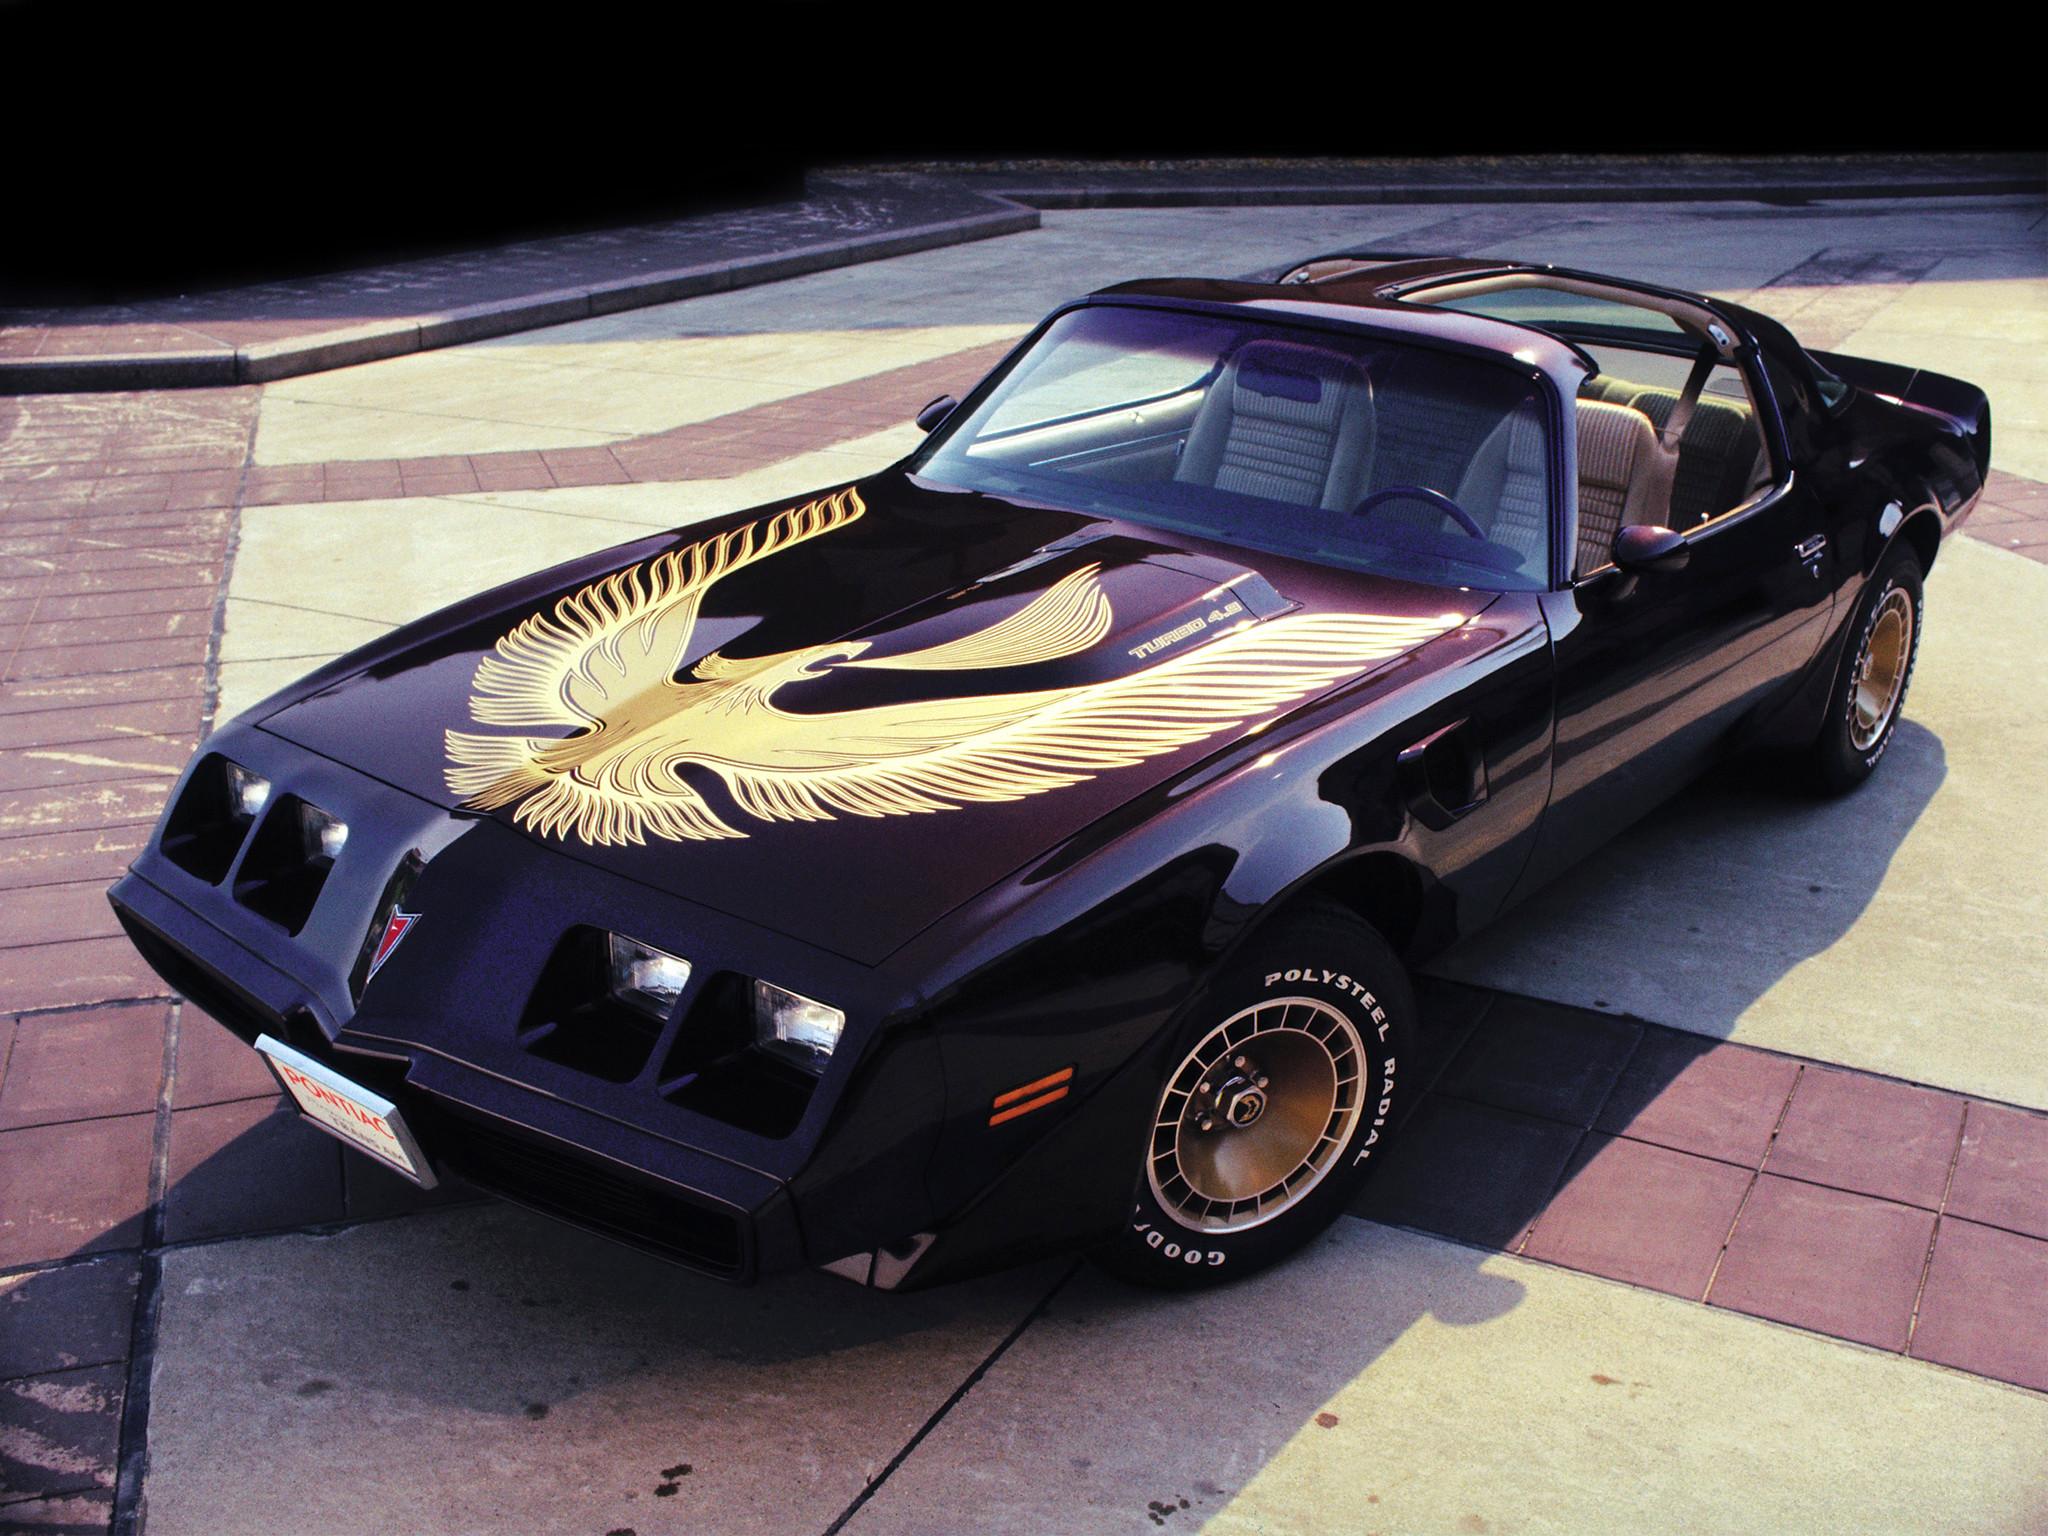 Res: 2048x1536, Photo of a car Pontiac Firebird